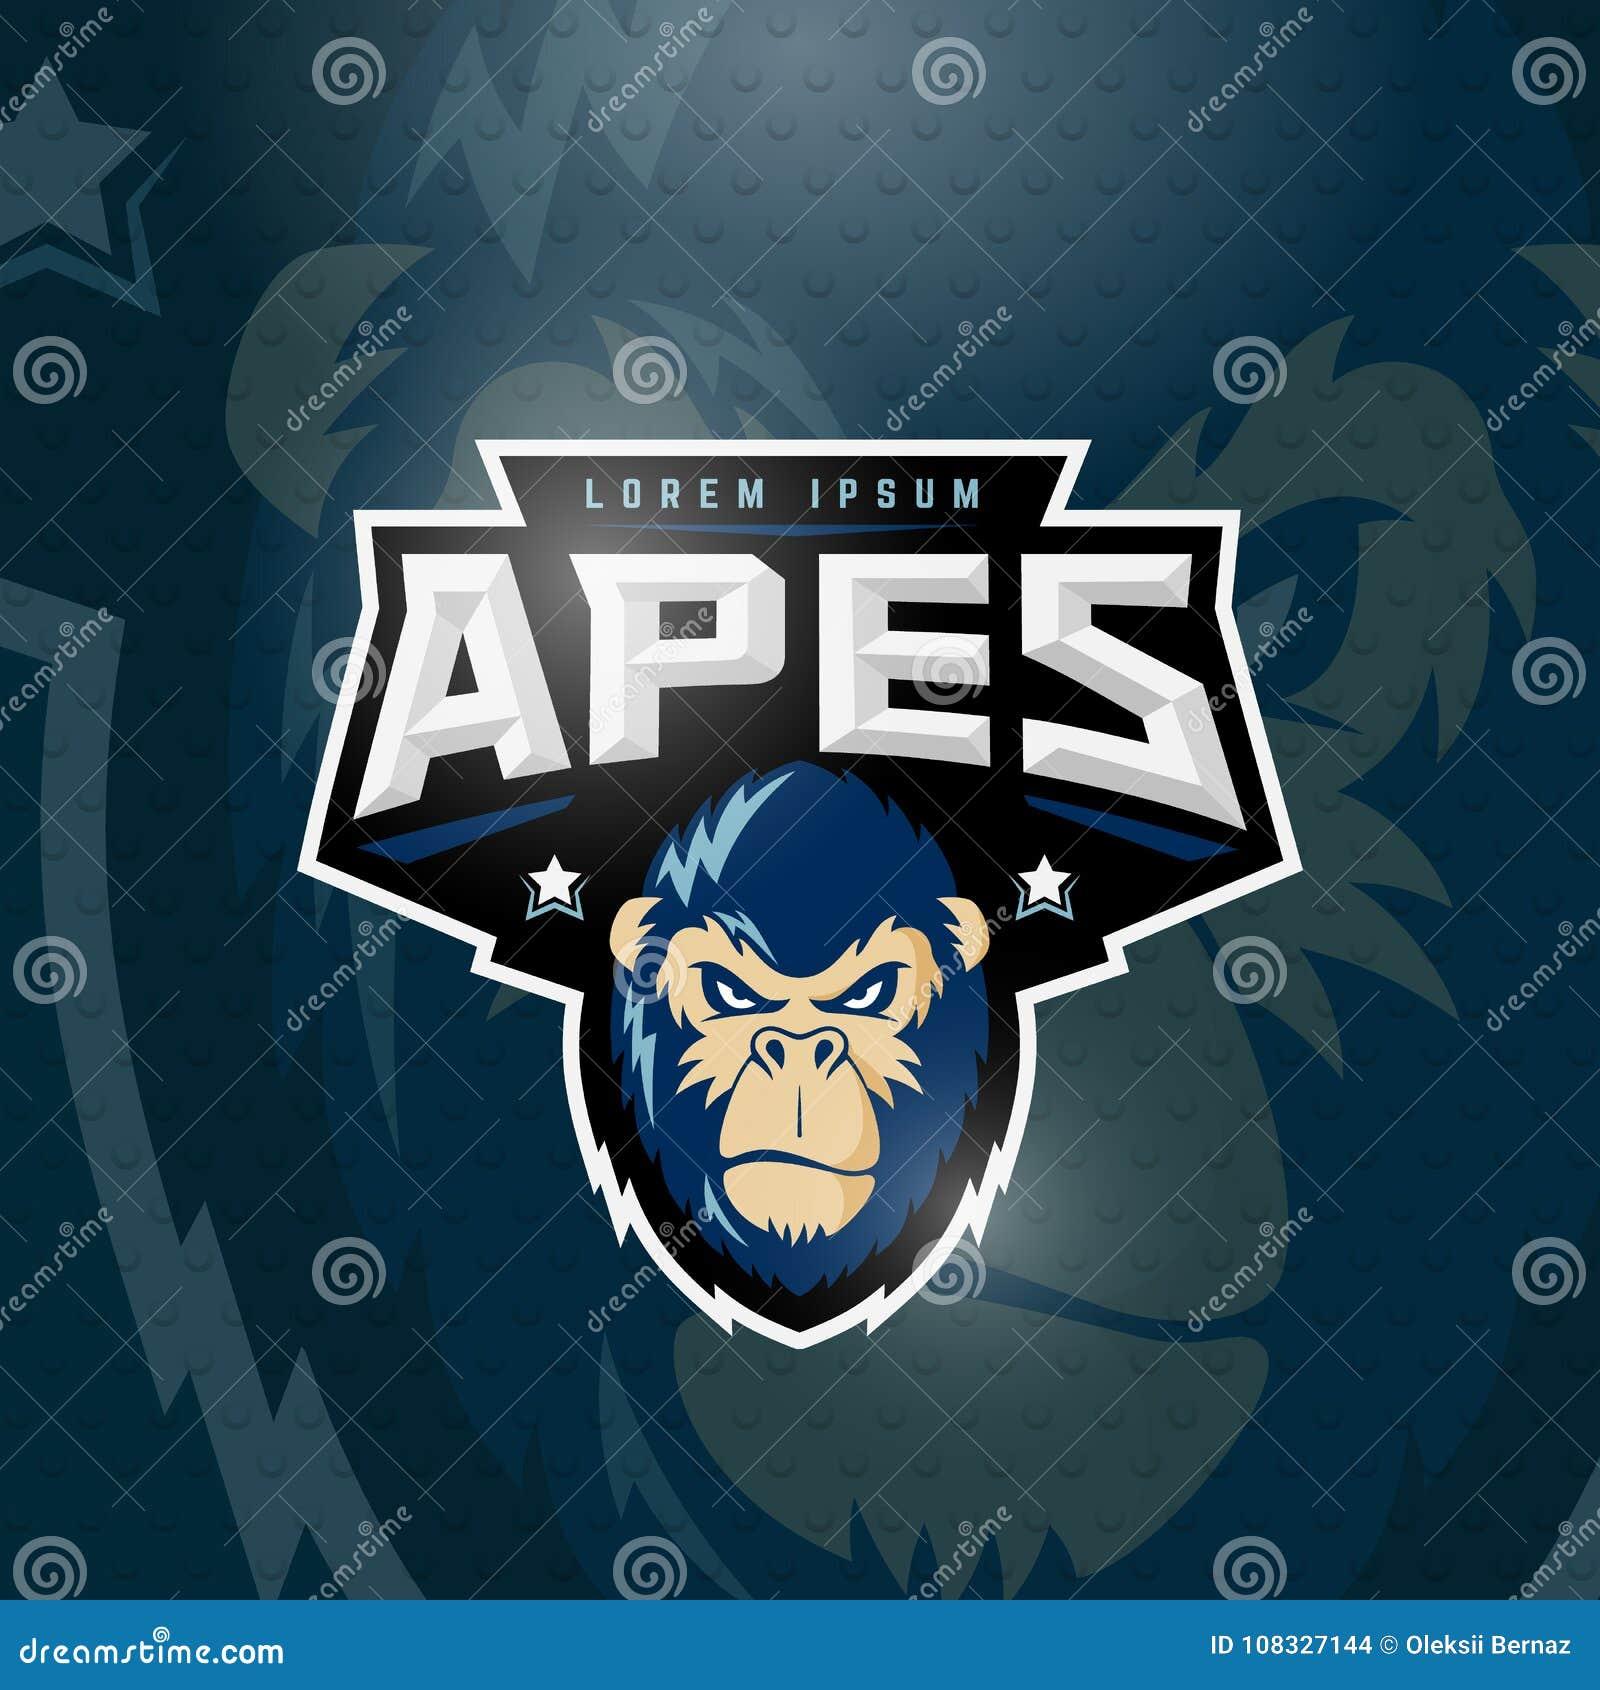 El deporte imita la muestra, el emblema o a Logo Template abstracto del vector Deporte Team Mascot Label Gorilla Face enojado con